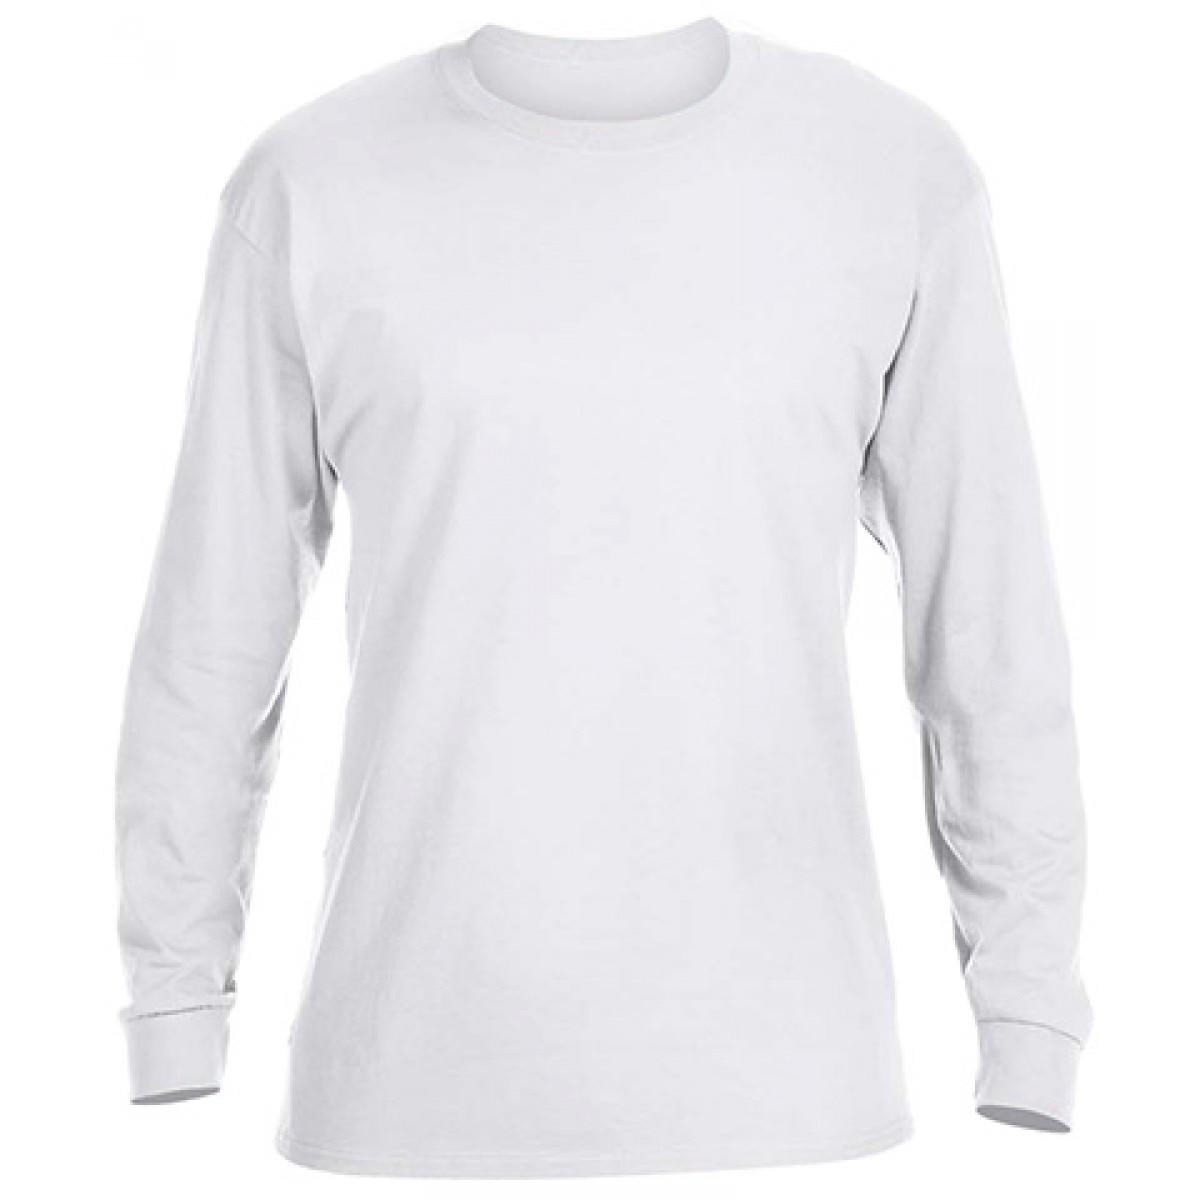 Basic Long Sleeve Crew Neck White